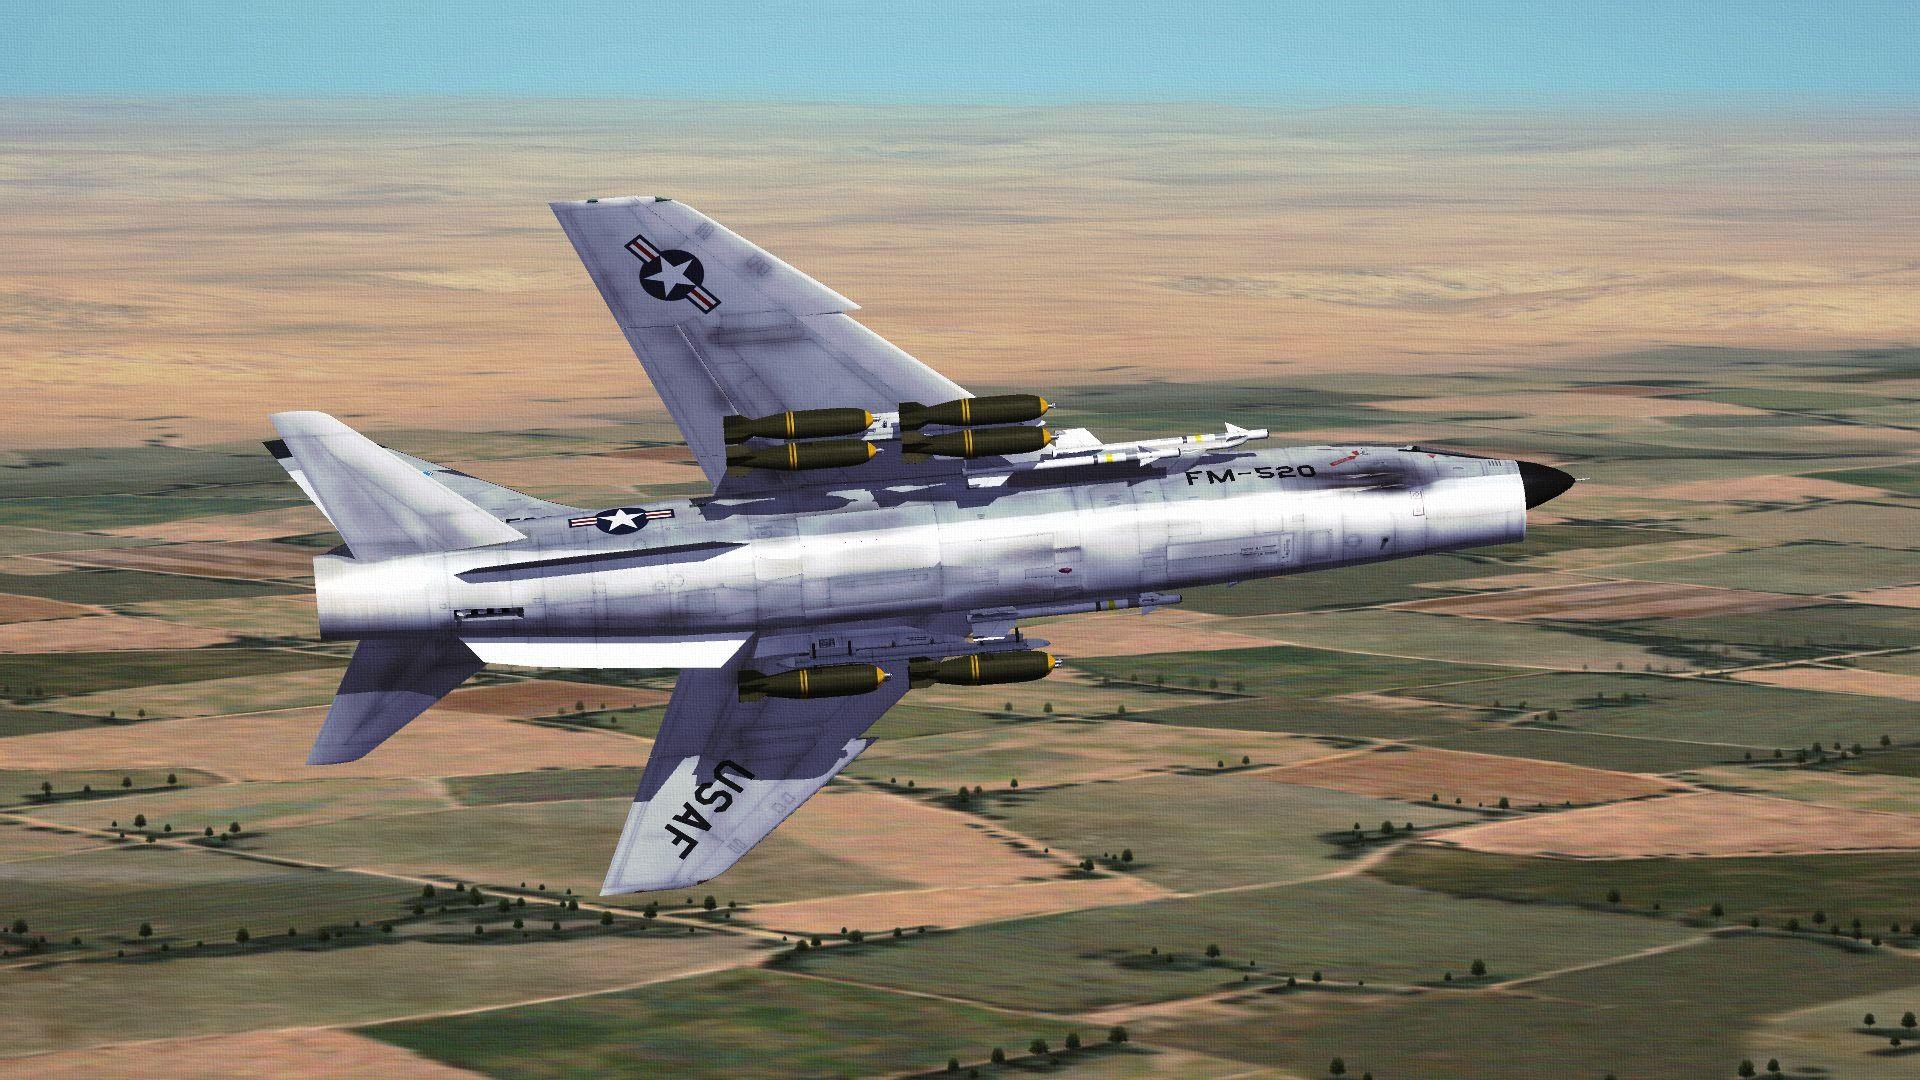 USAFF-8FCRUSADER05_zps03b16cad.jpg